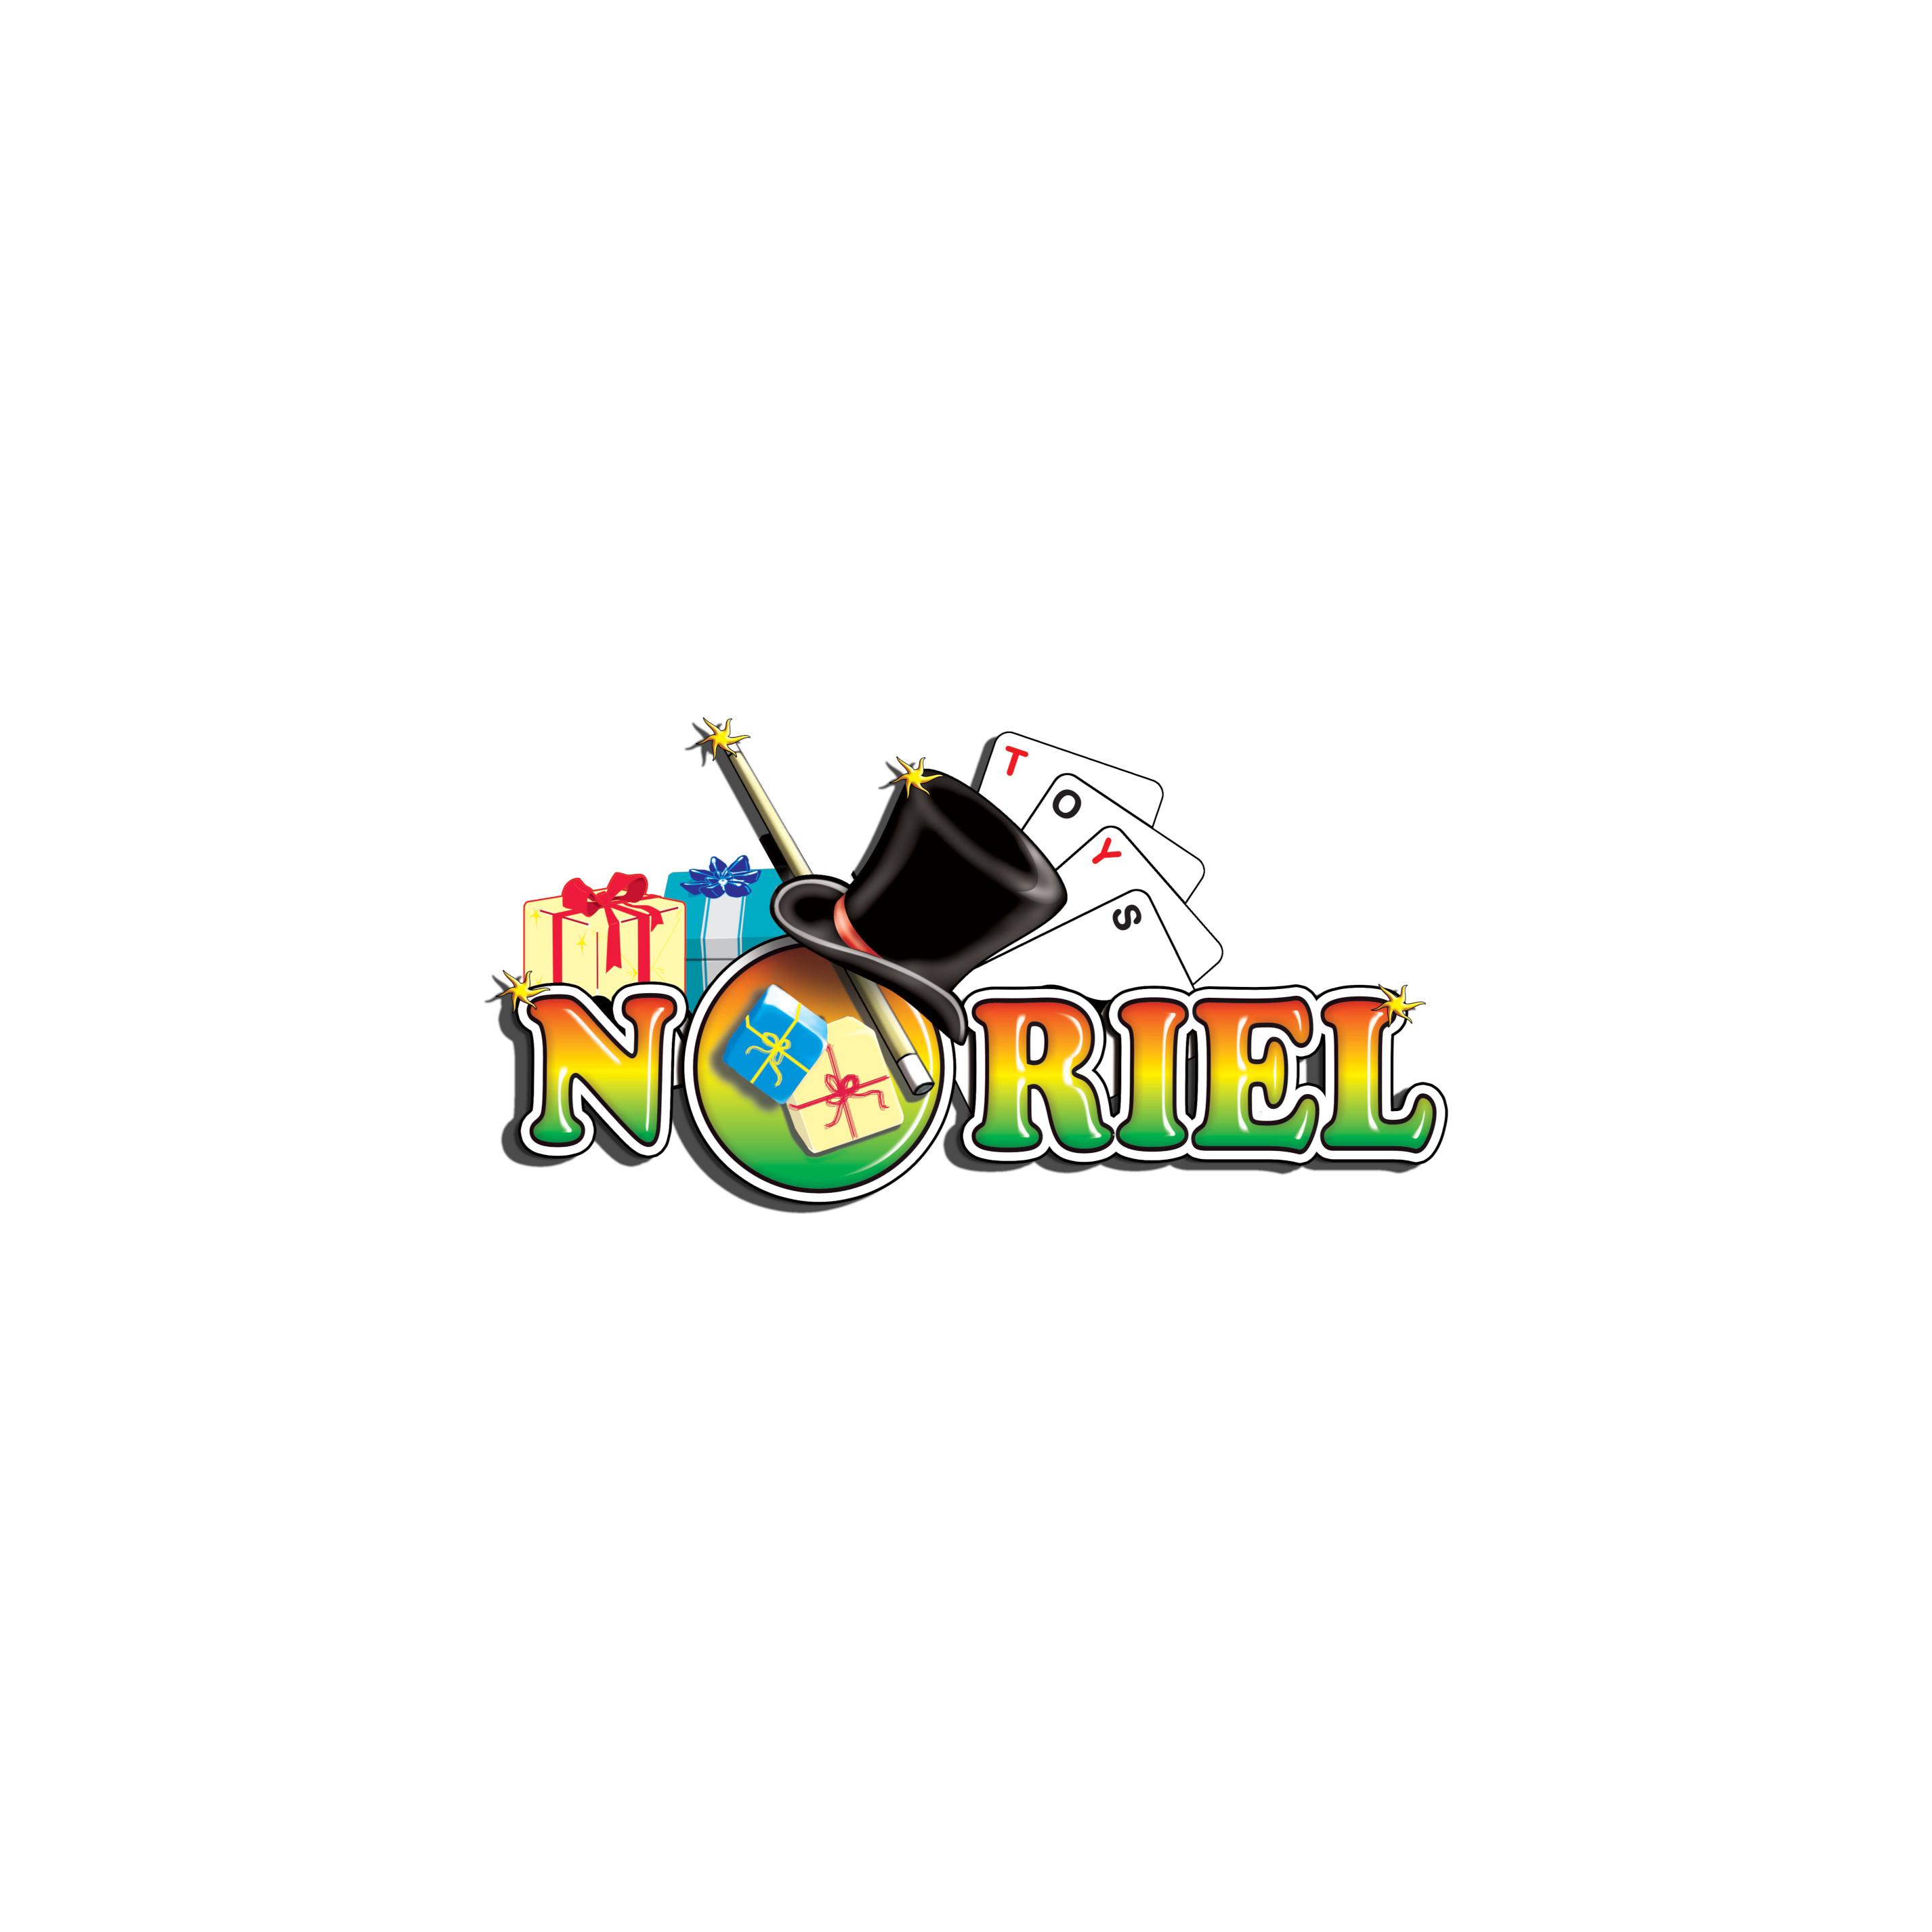 LG10768_001w LEGO® Juniors - Aventura lui Buzz si Bo Peep pe terenul de joaca (10768)